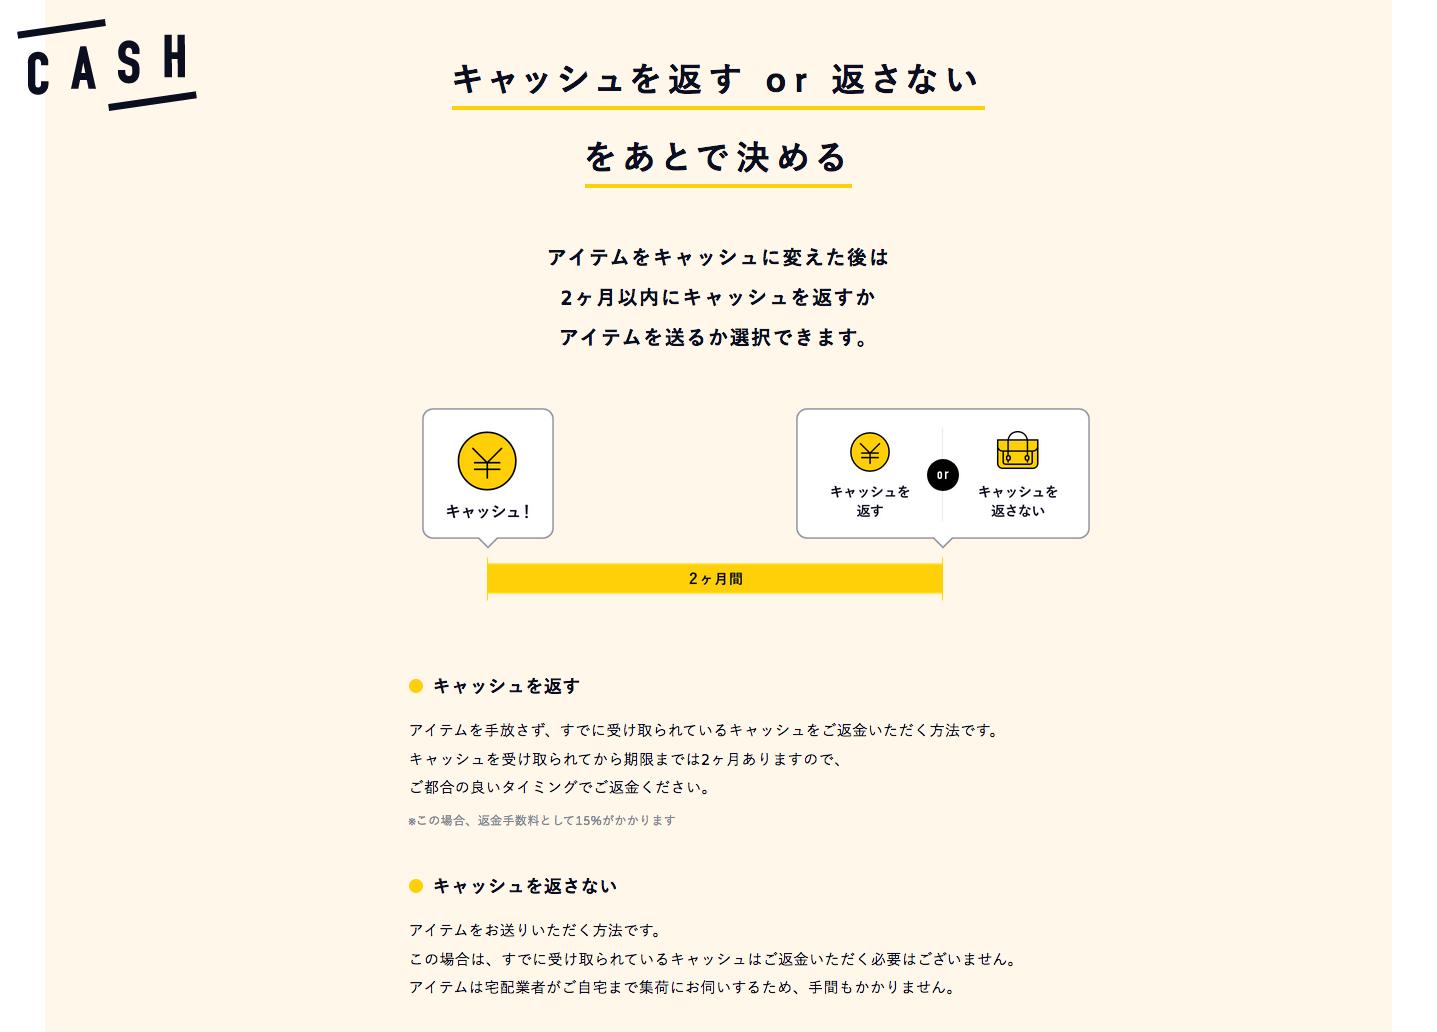 スマホアプリCASH(キャッシュ)